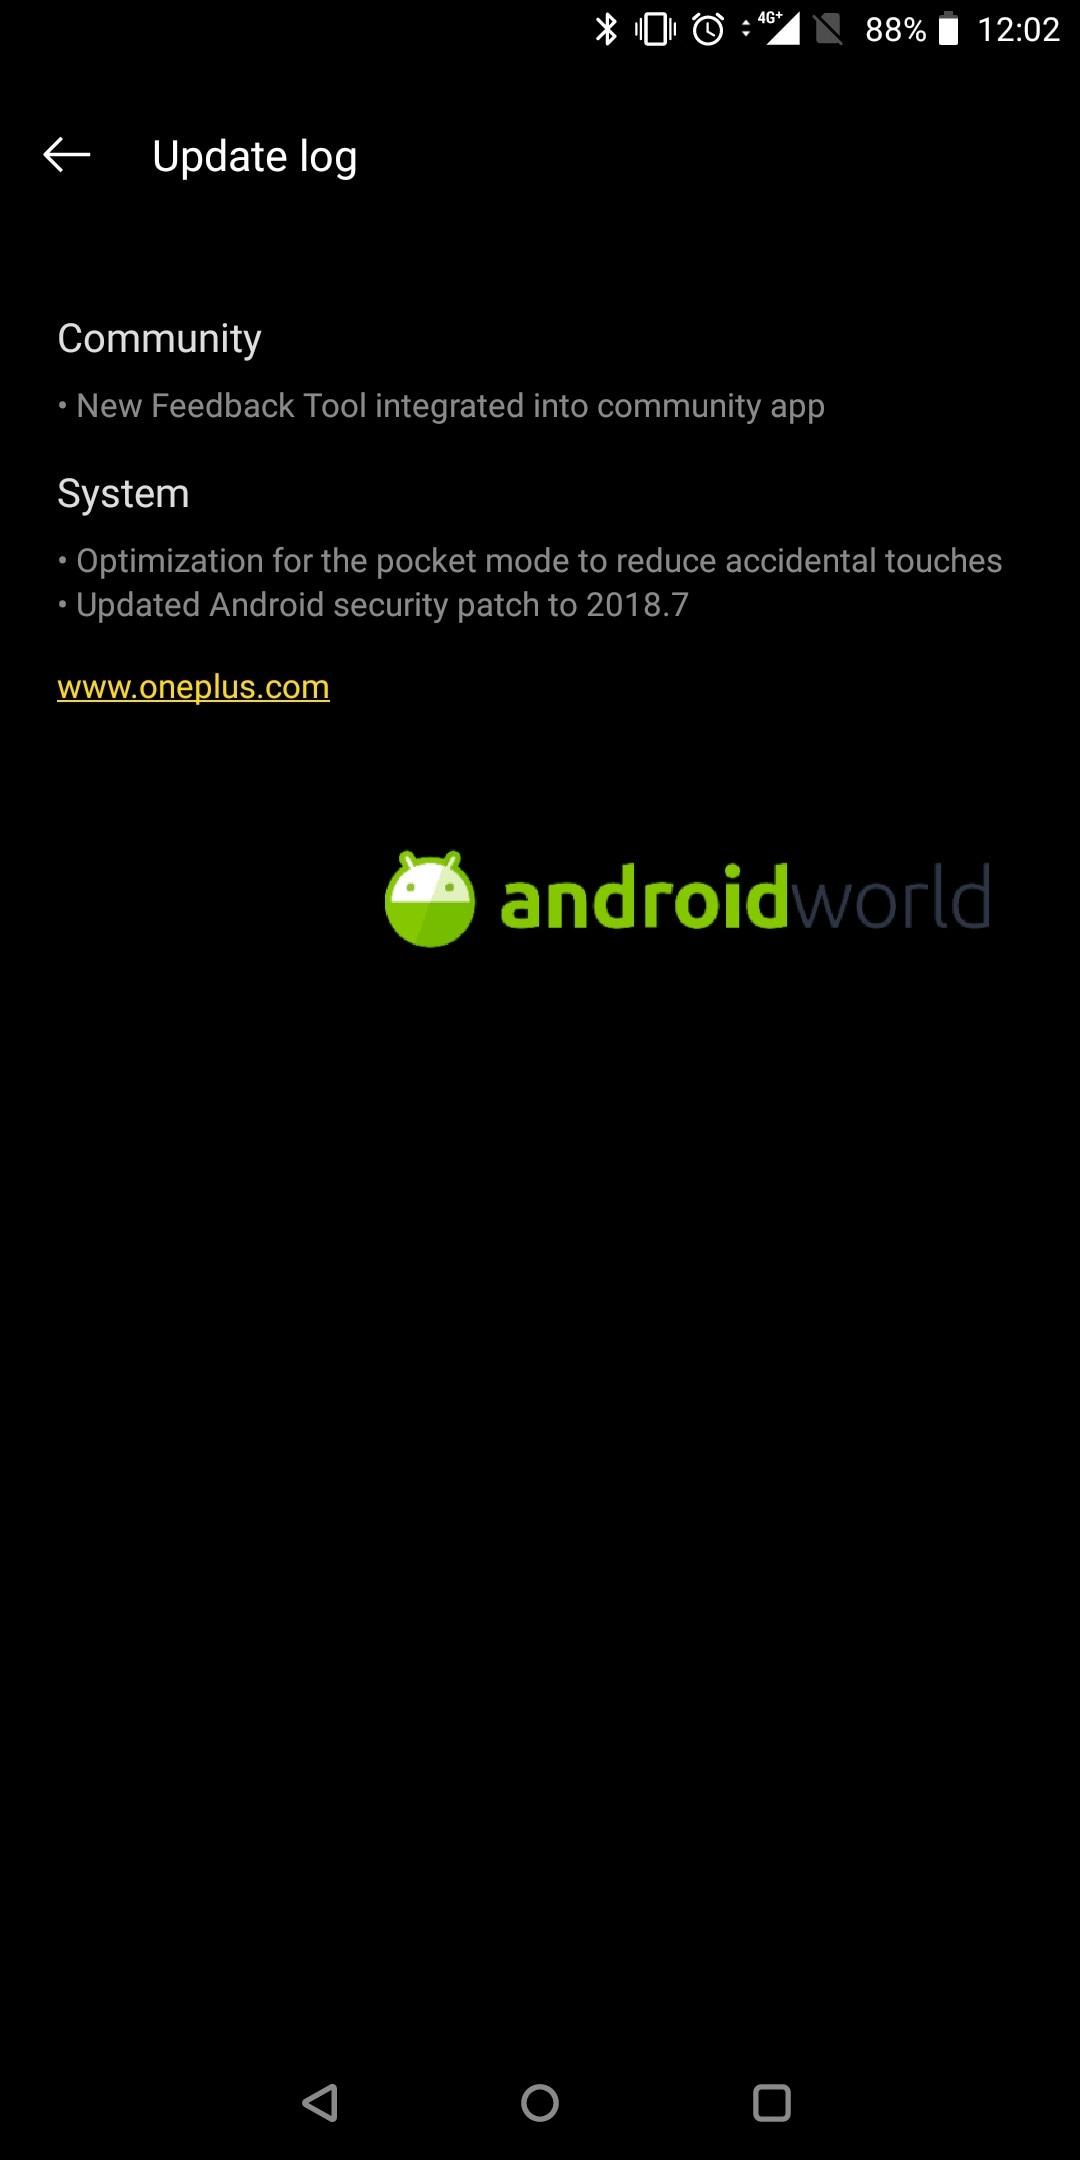 OnePlus 5-5T aggiornamento